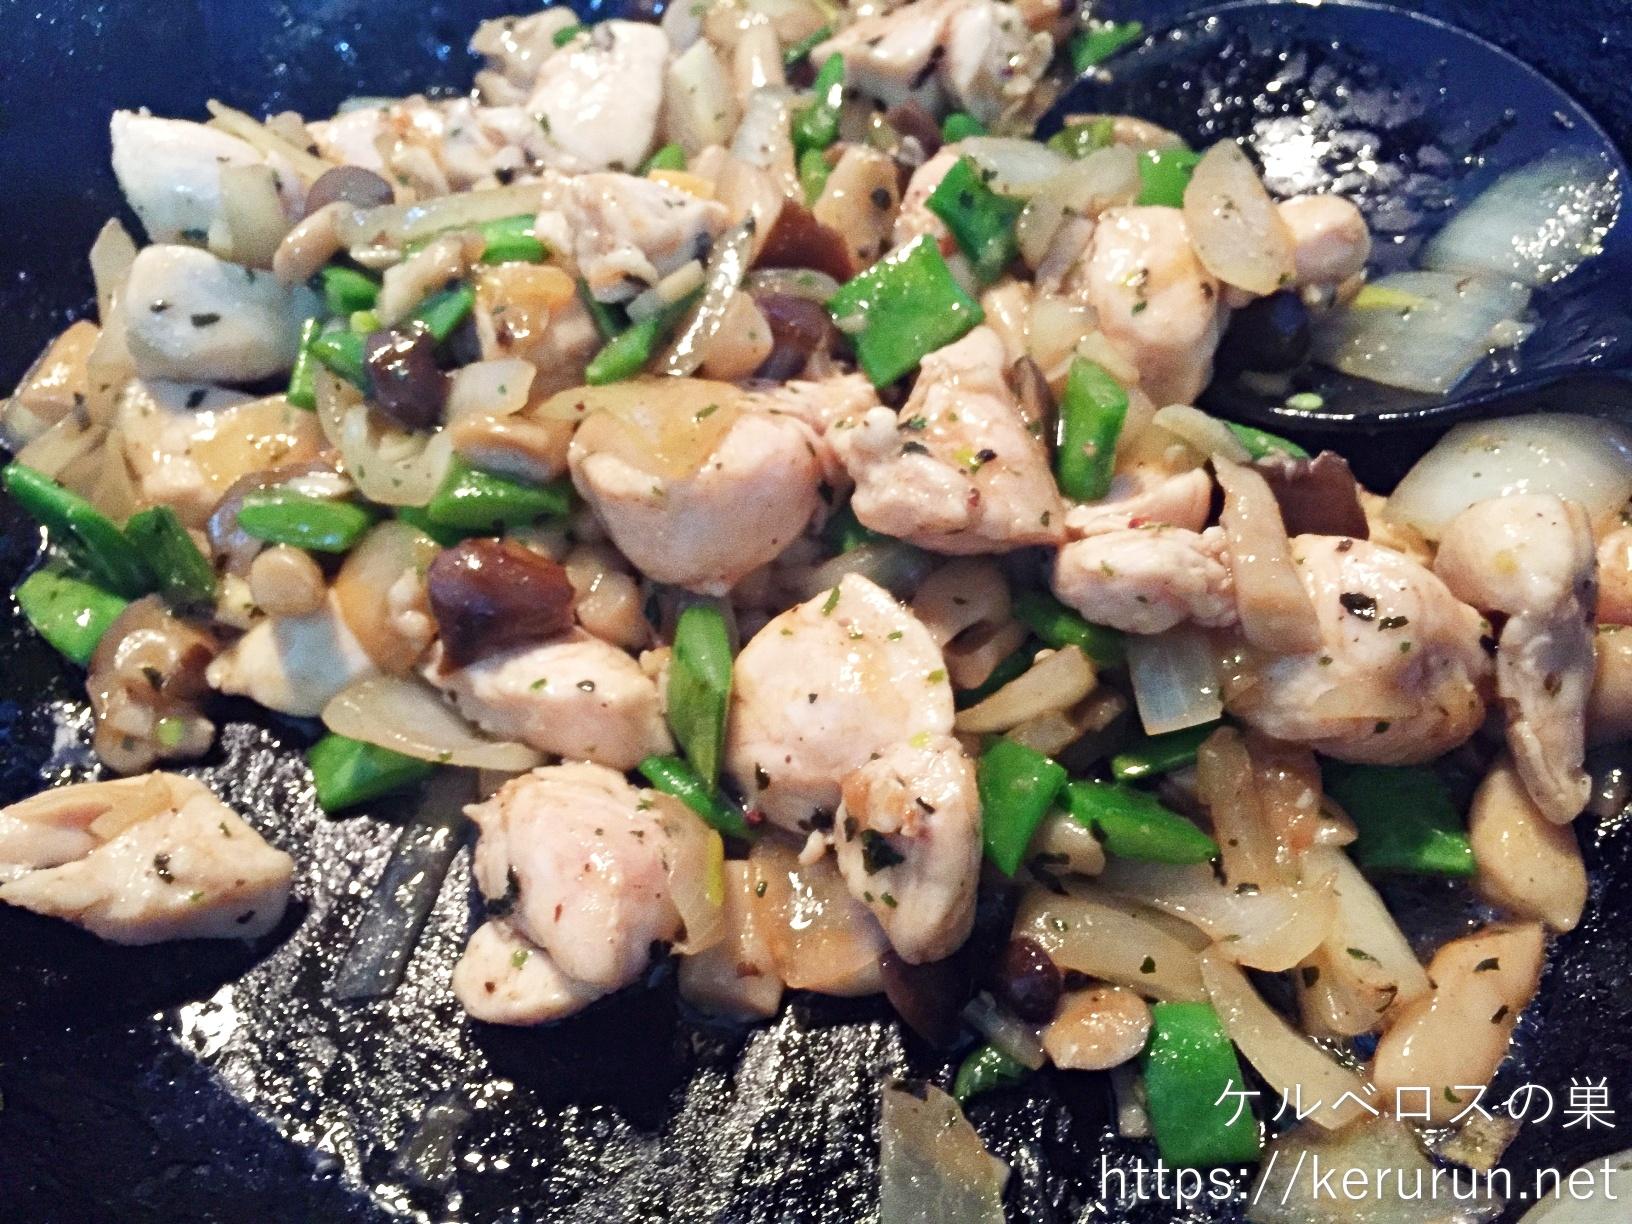 コストコのさくらどり筋切りササミで作るガパオ風丼の晩ごはん